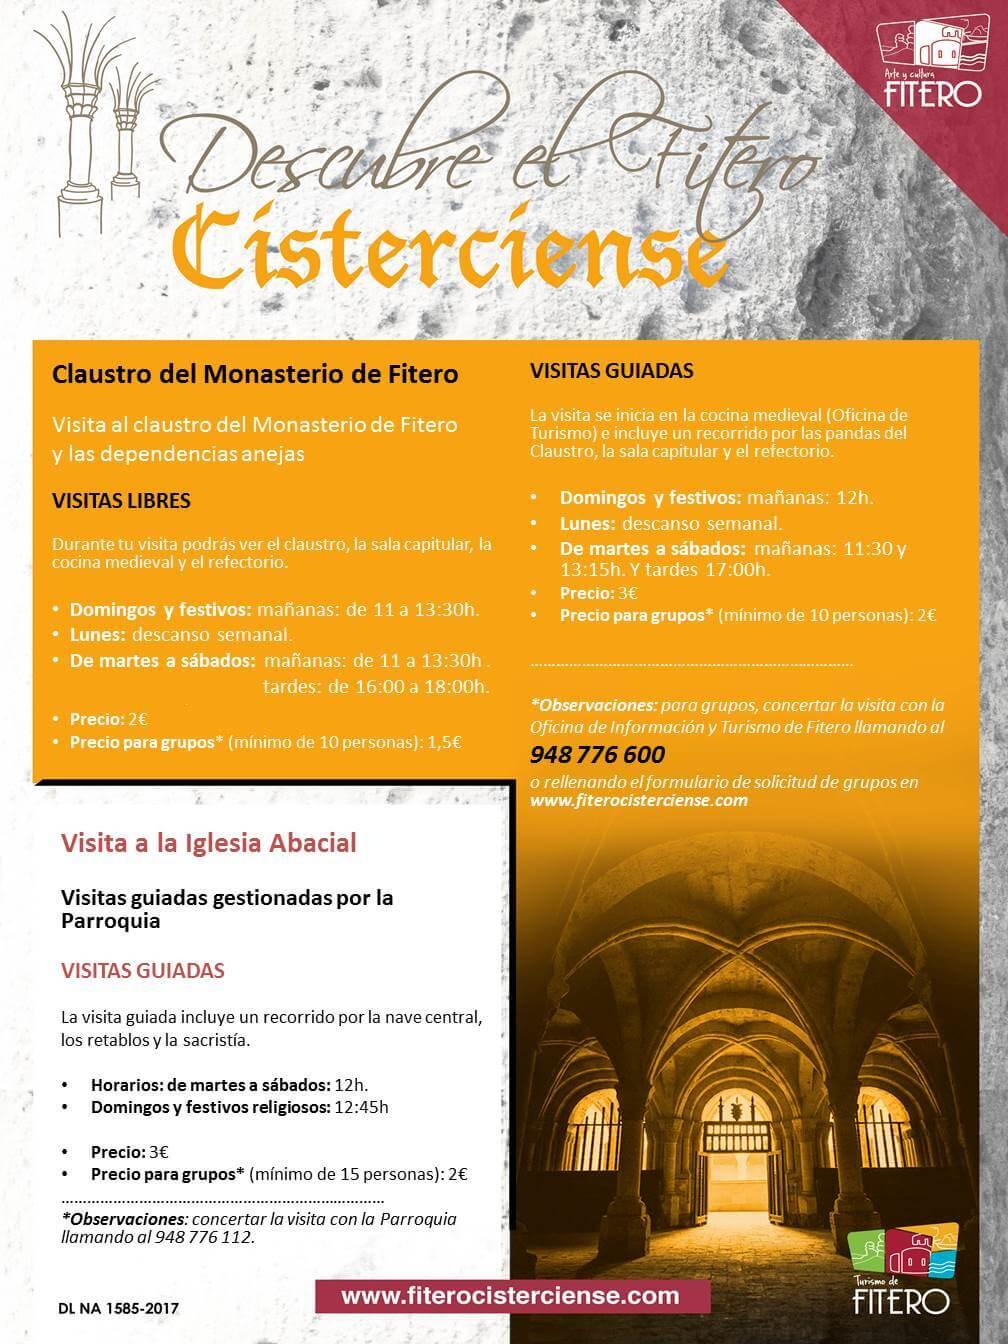 Horarios visitas libres y guiadas al Monasterio de Fitero